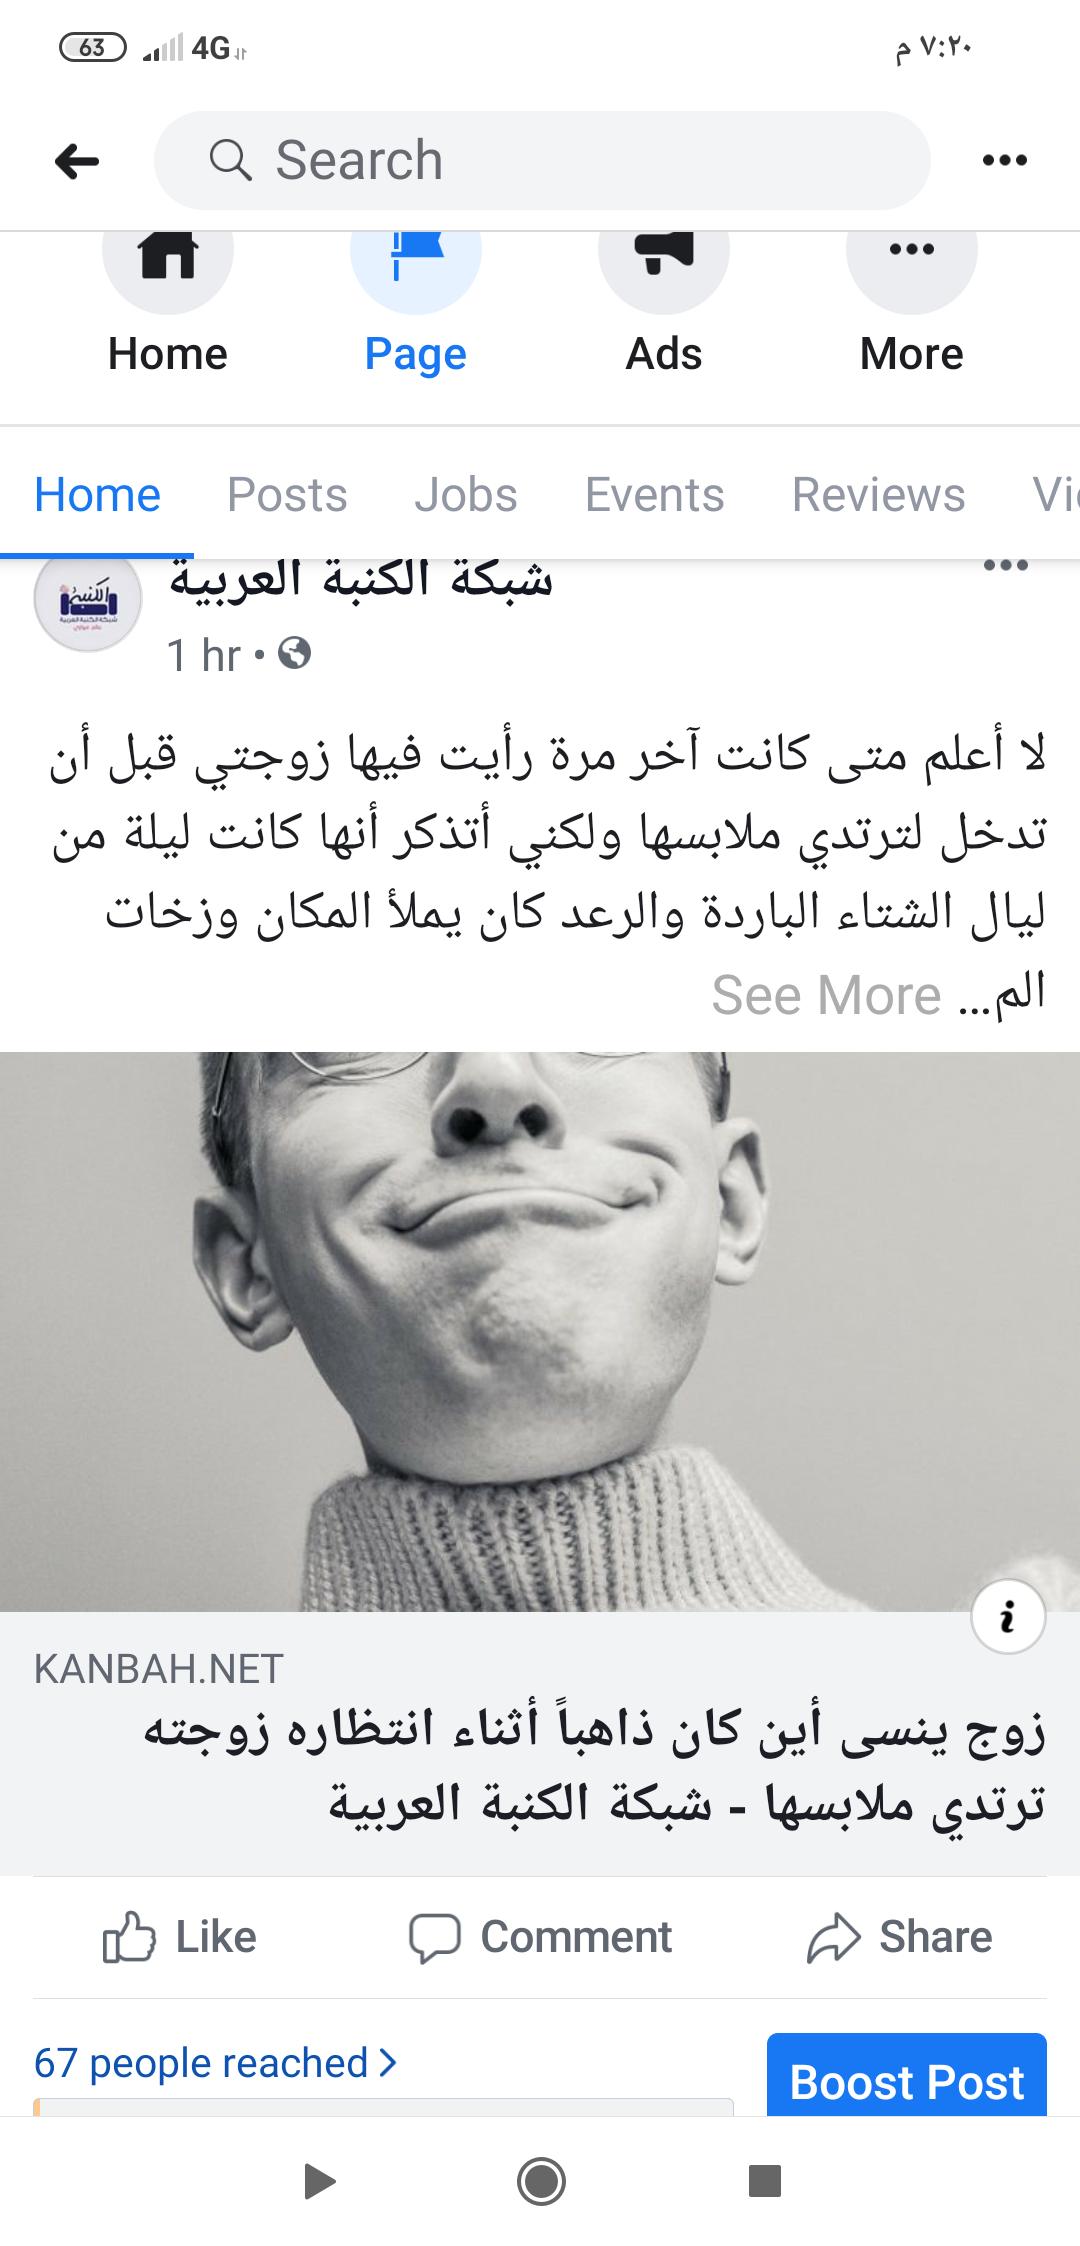 الكنبة العربية